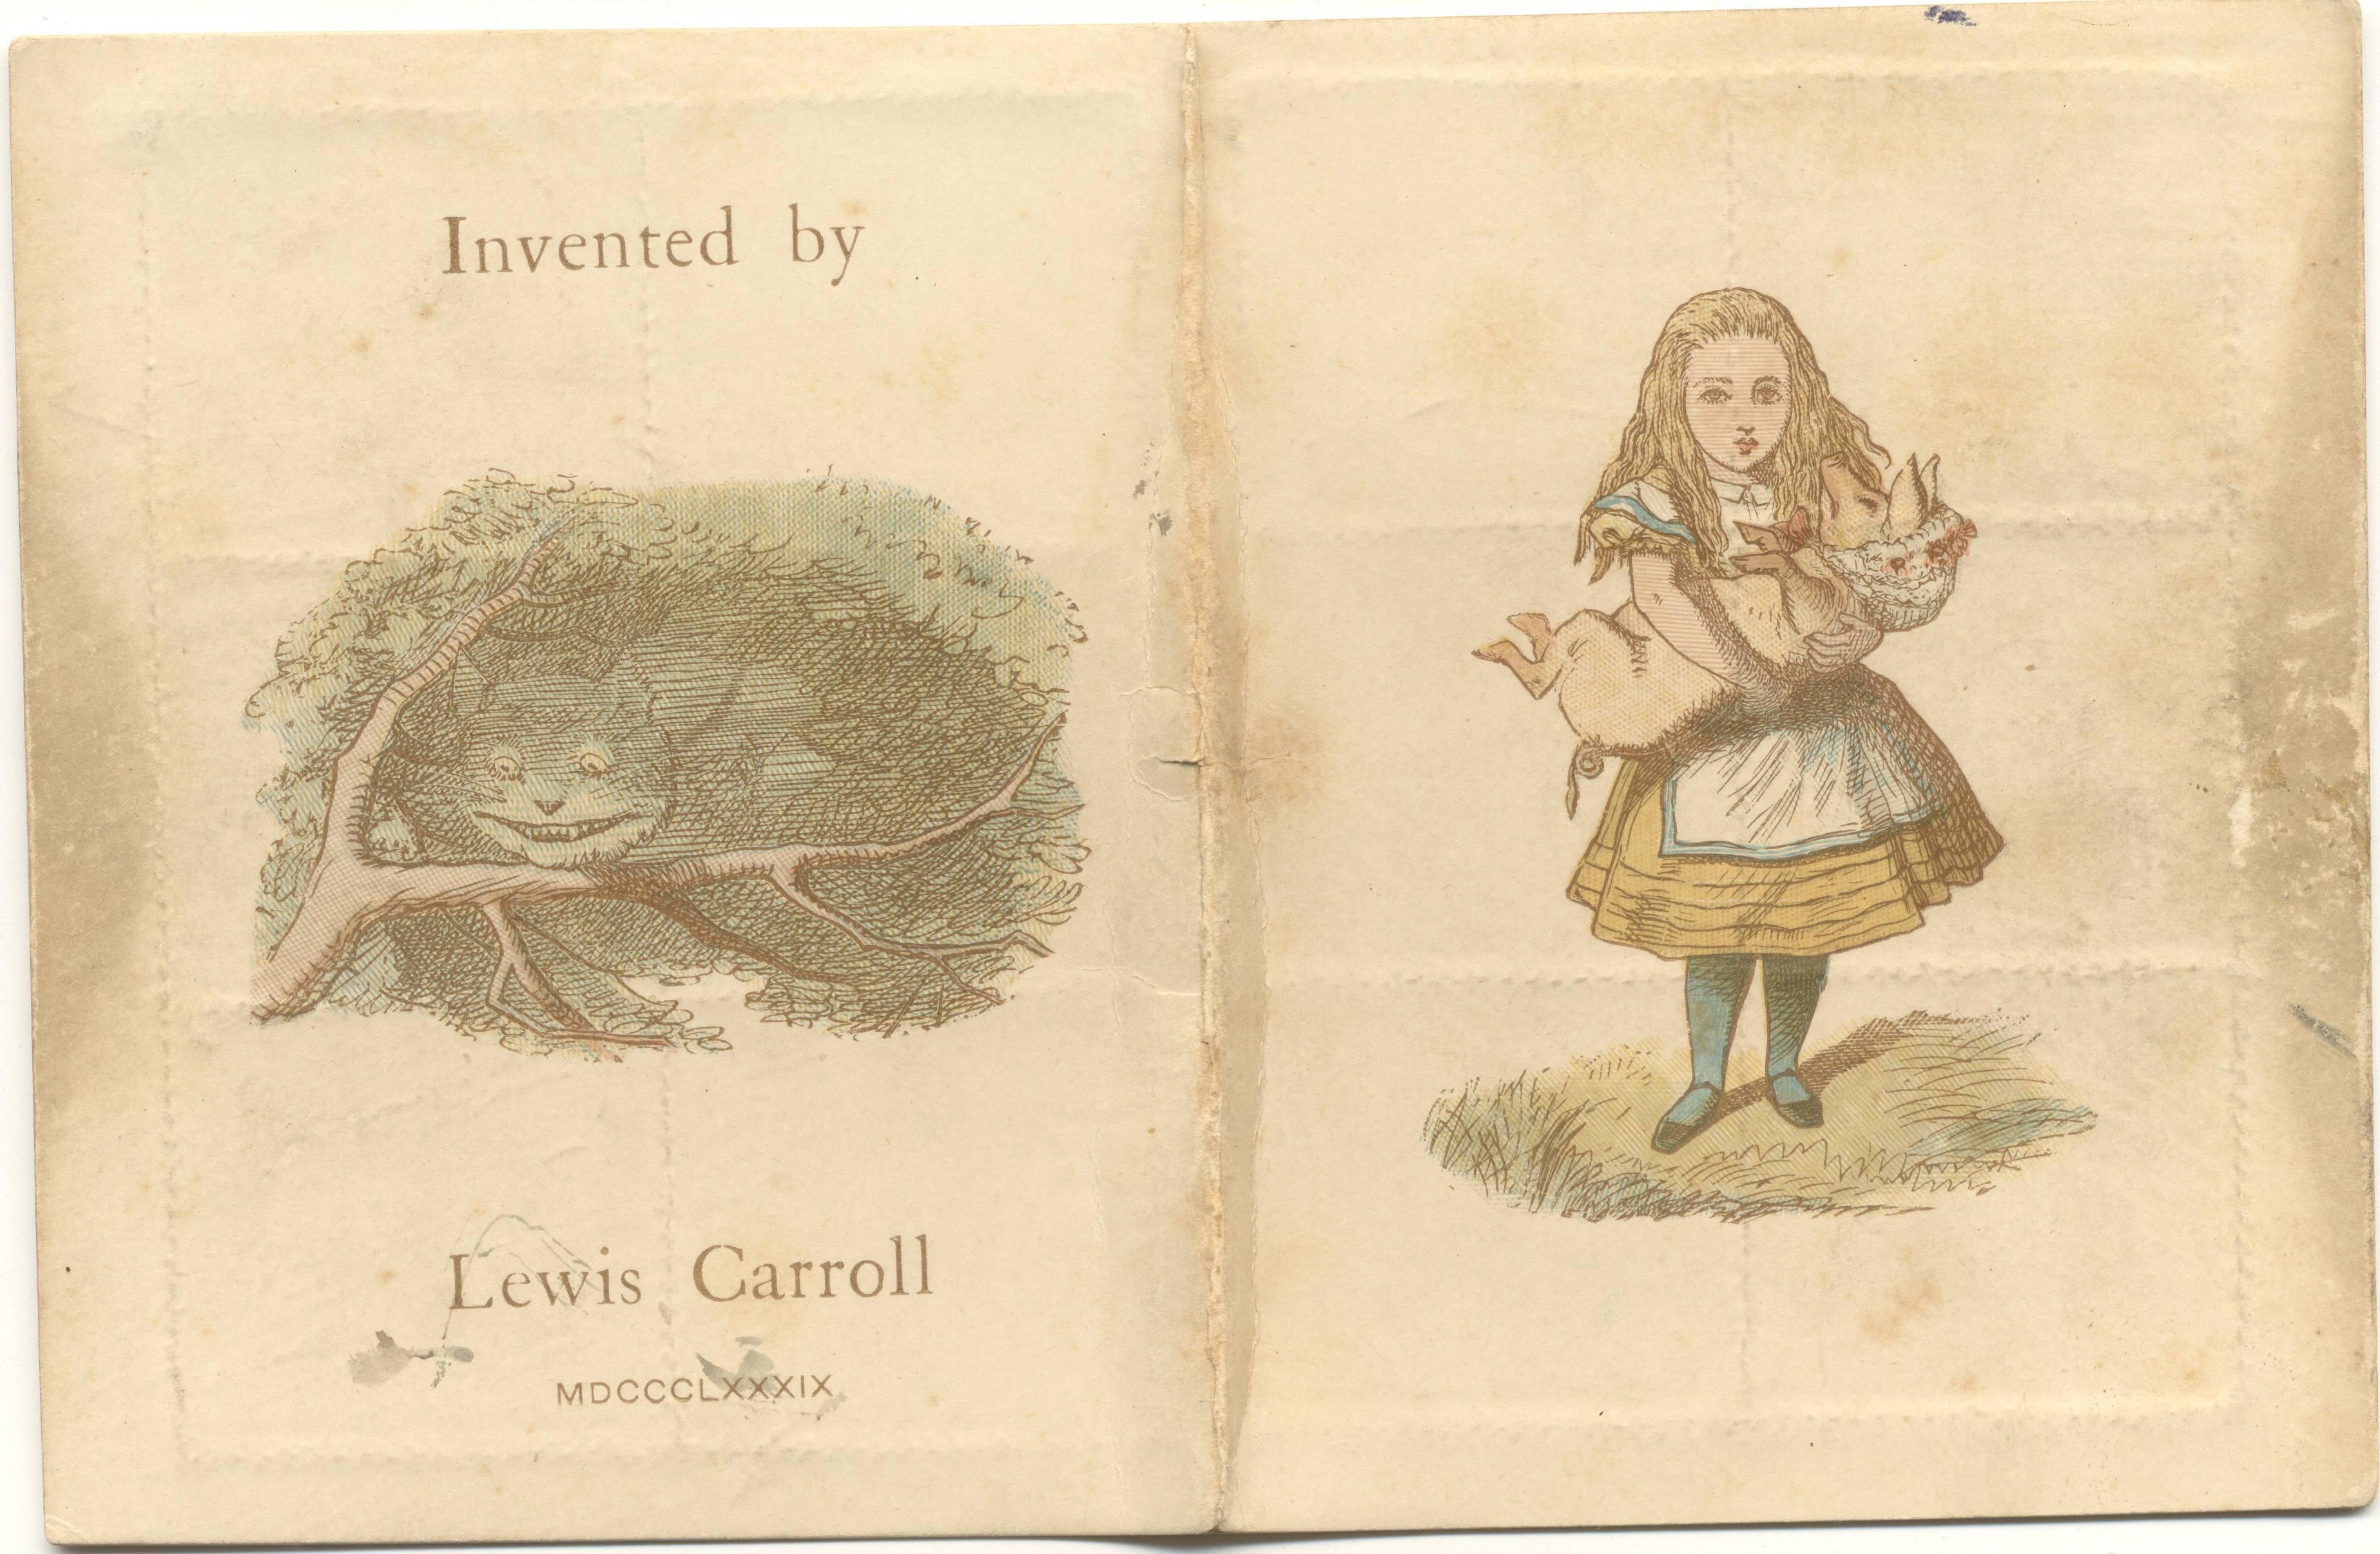 ルイス・キャロル 「切手ケース」 Lewis Carroll, The Wonderland postage stamp case, The Rosenbach, Philadelphia